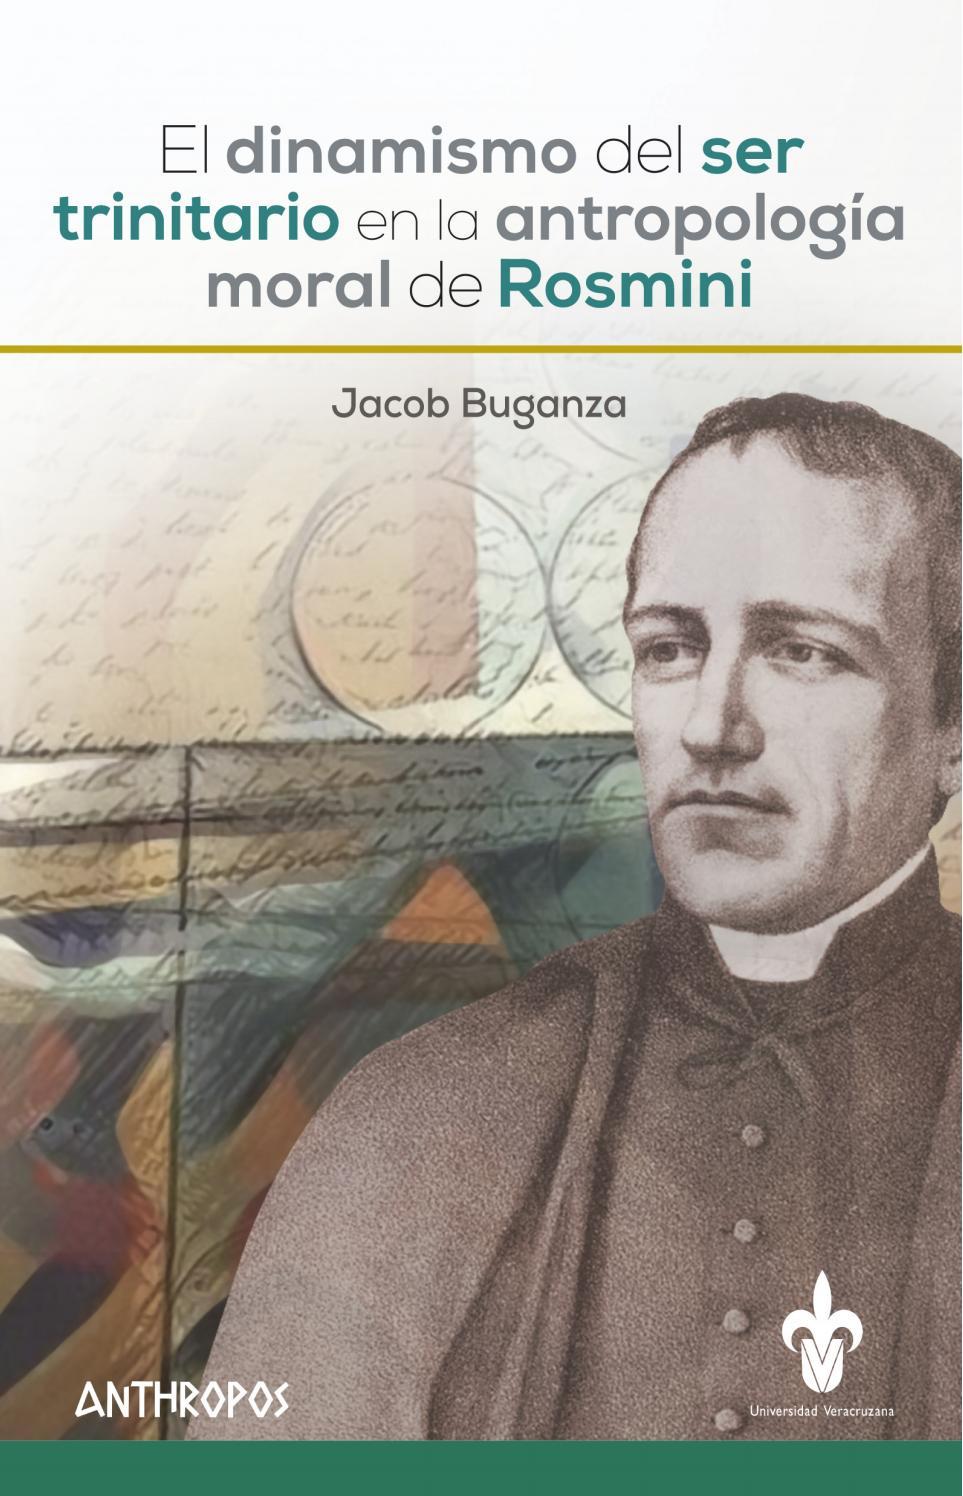 El dinamismo del ser trinitario en la antropología moral de Rosmini